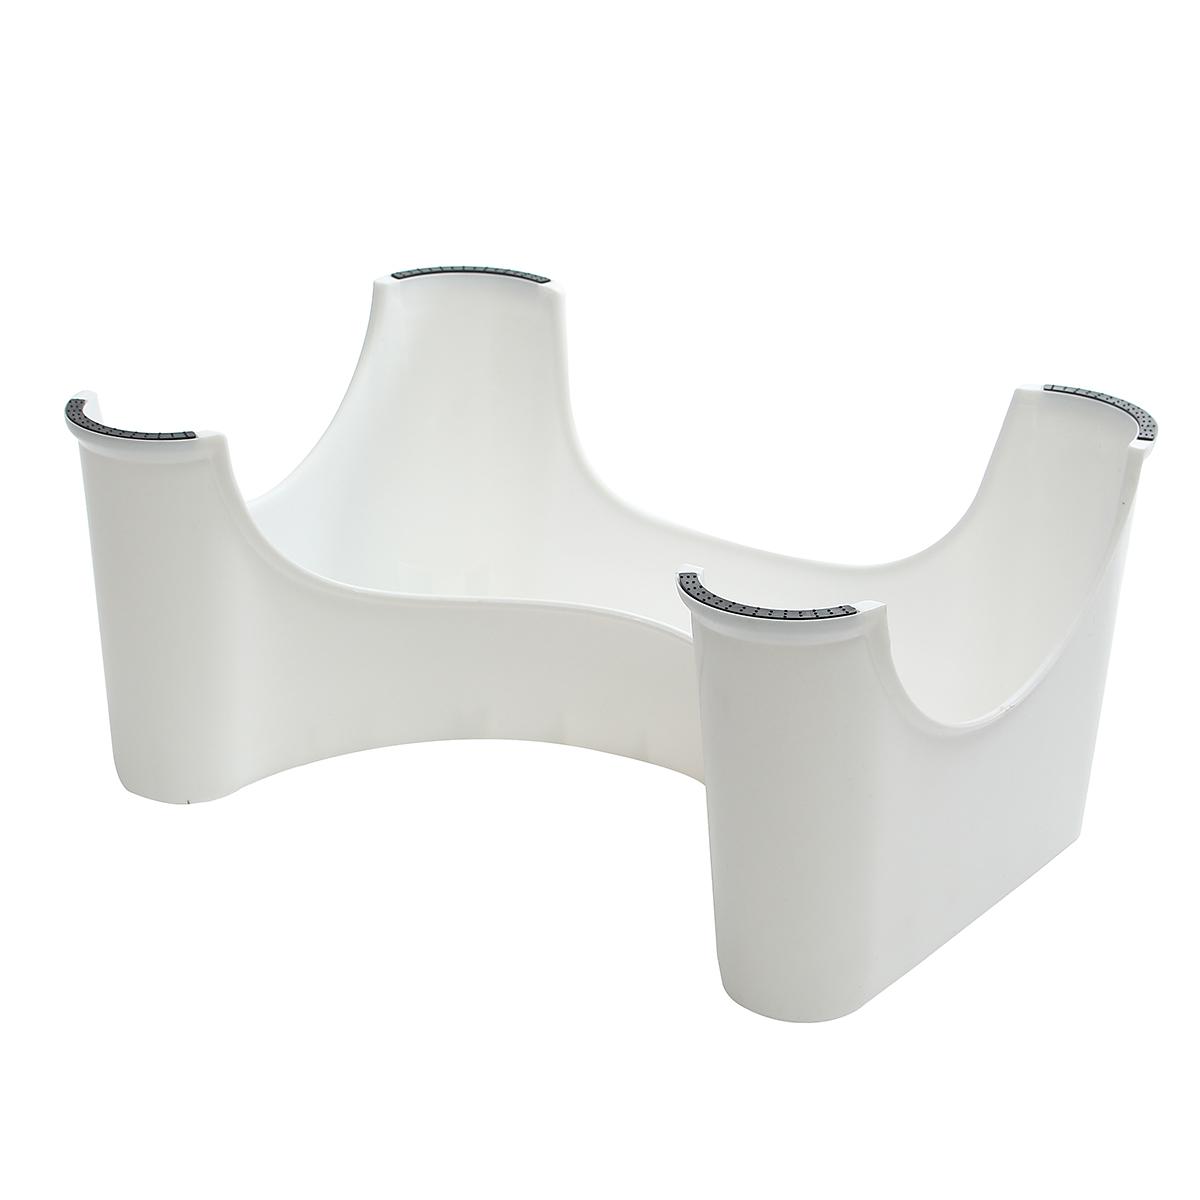 Tabouret marchepied toilette wc r hausseur renforc mignon chaise banc de si ge adult enfant - Rehausseur wc bebe ...